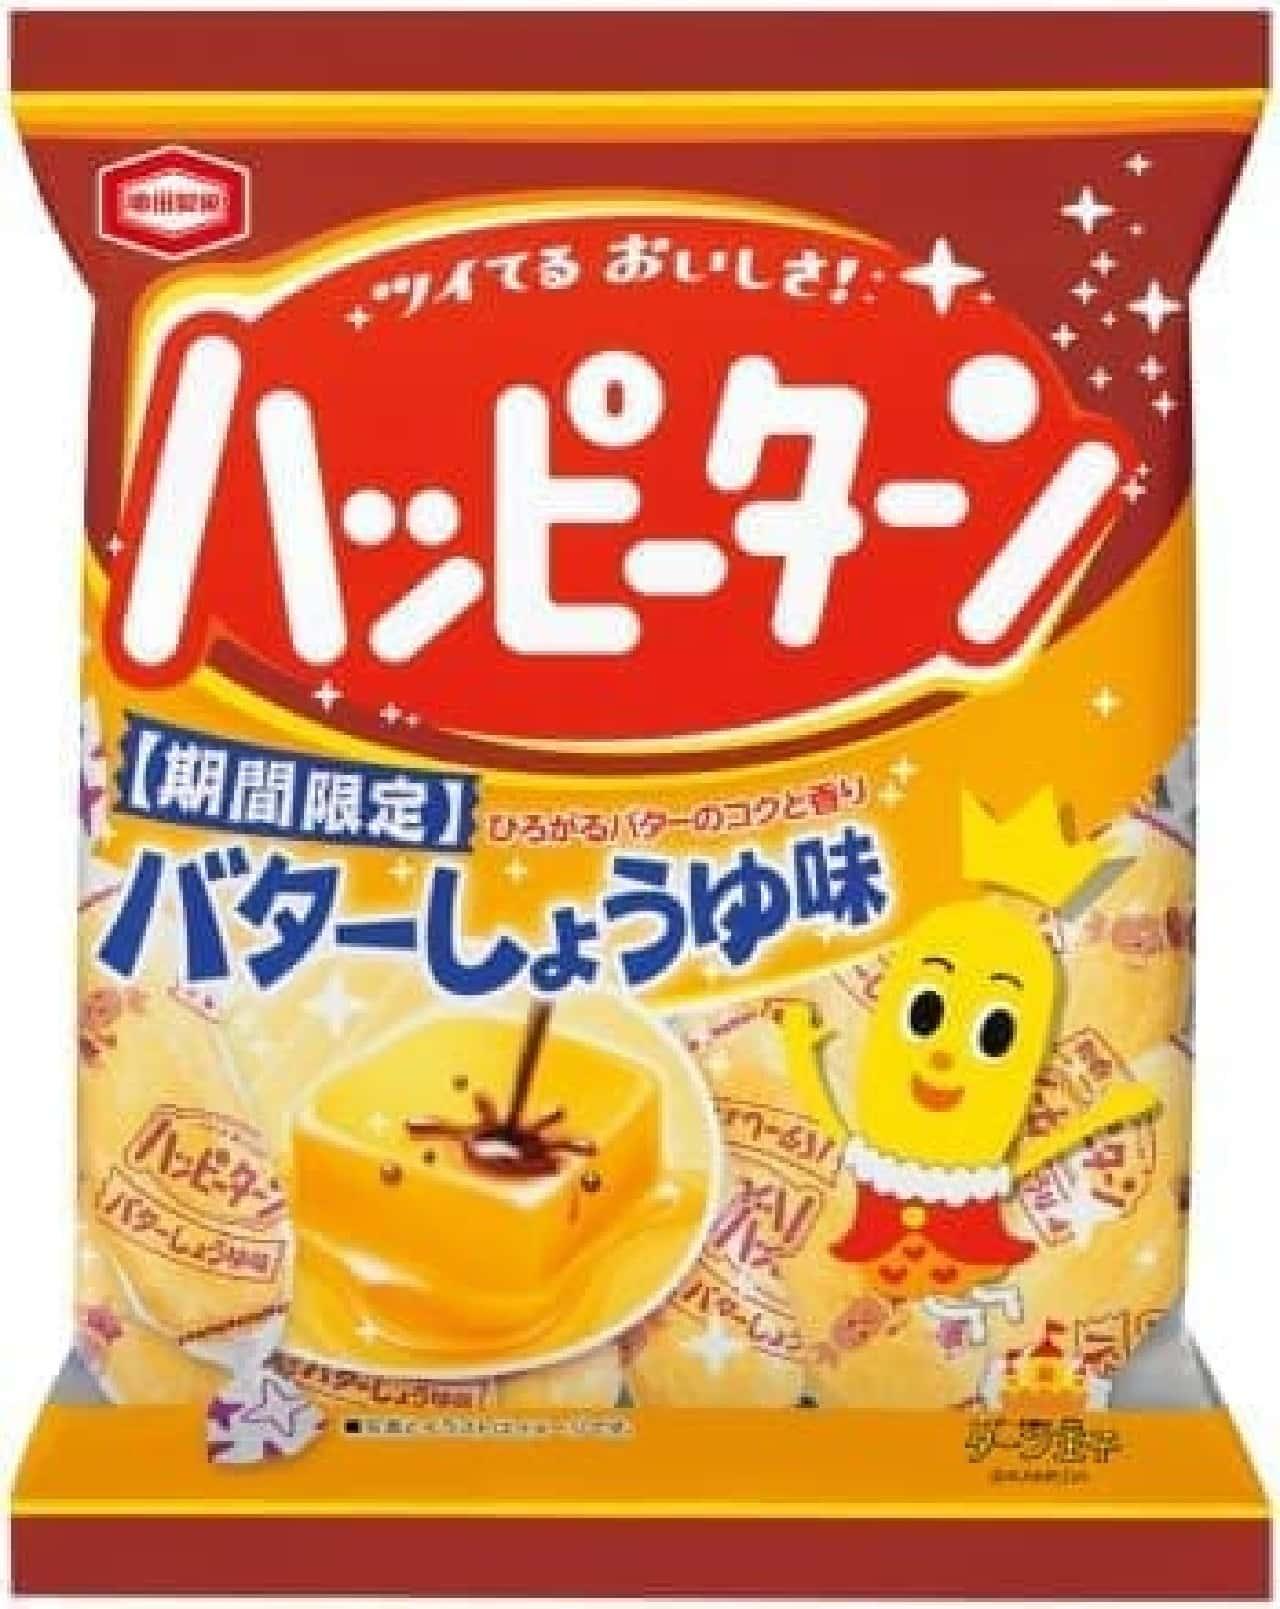 """イメージキャラクター""""ターン王子""""もリニューアル"""